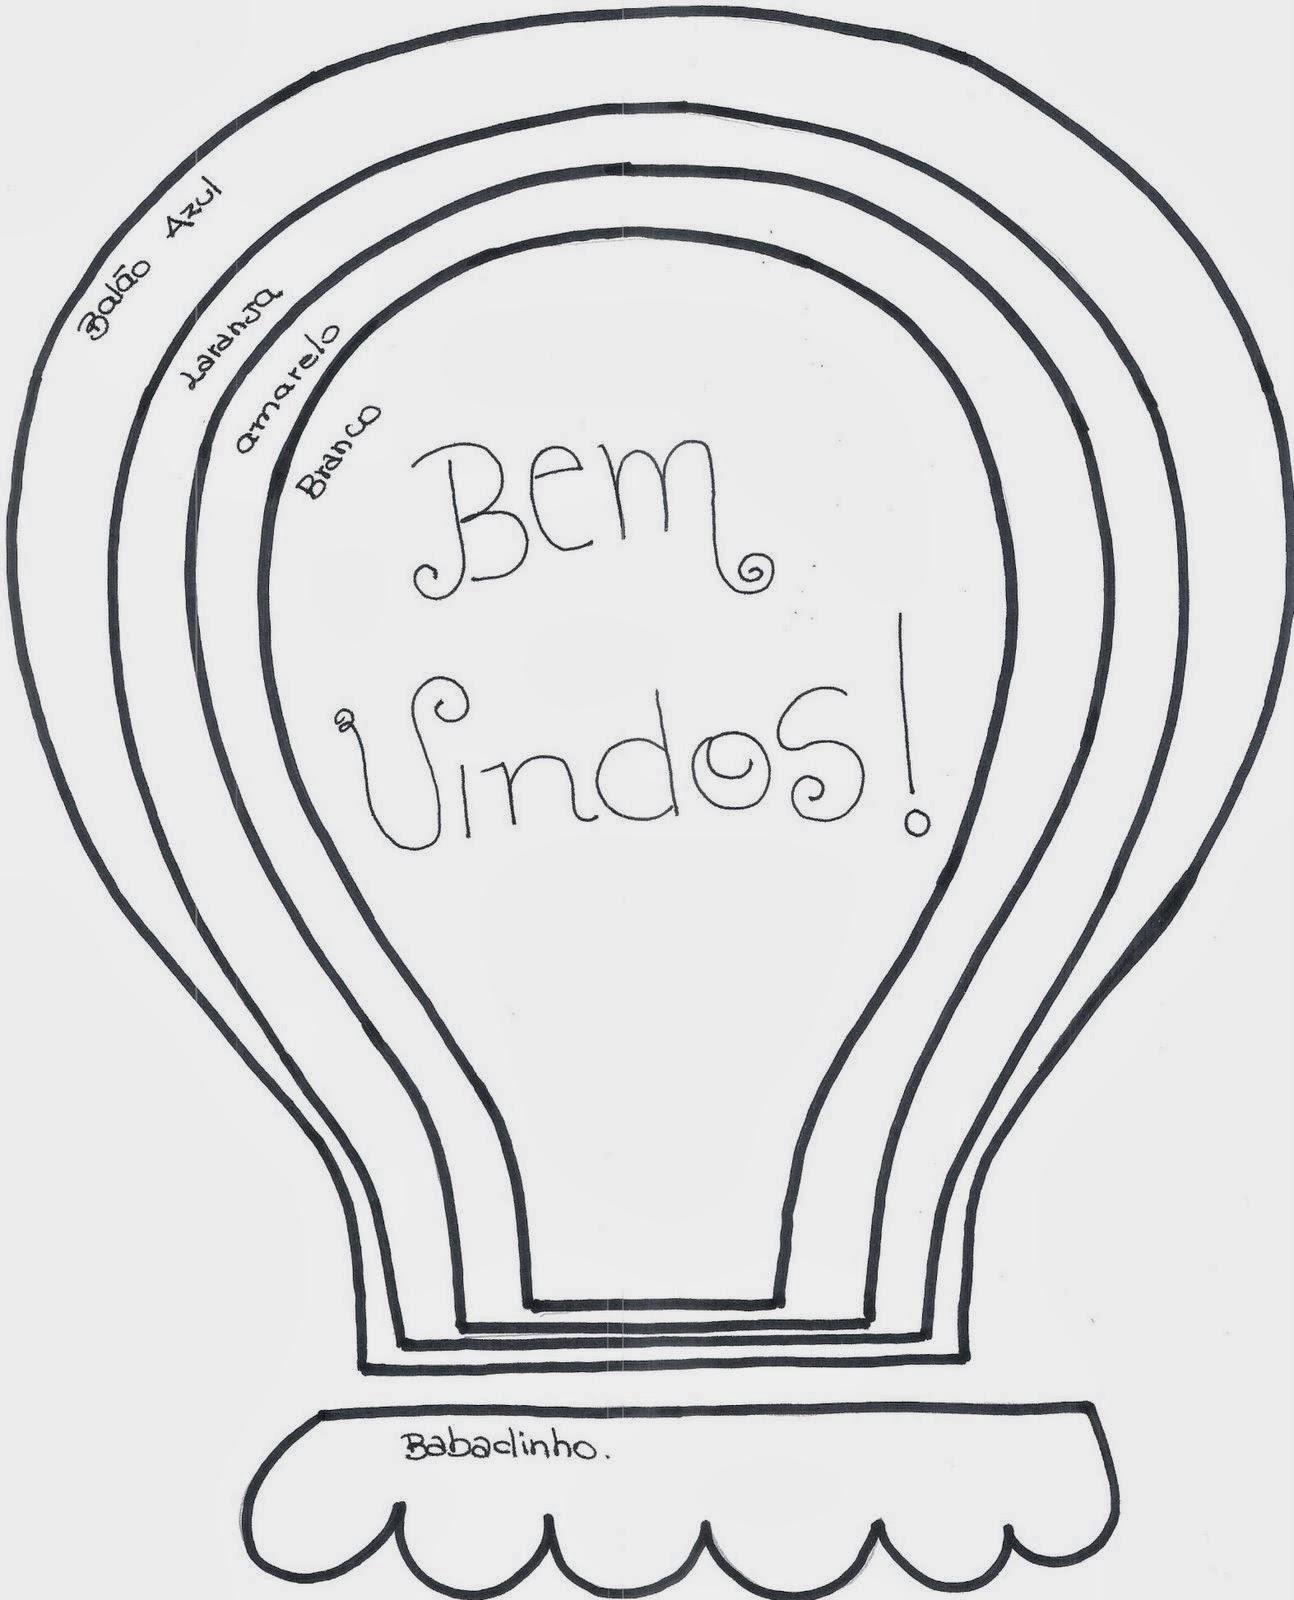 Molde Painel Em Eva Bem Vindos Artesanato Brasil